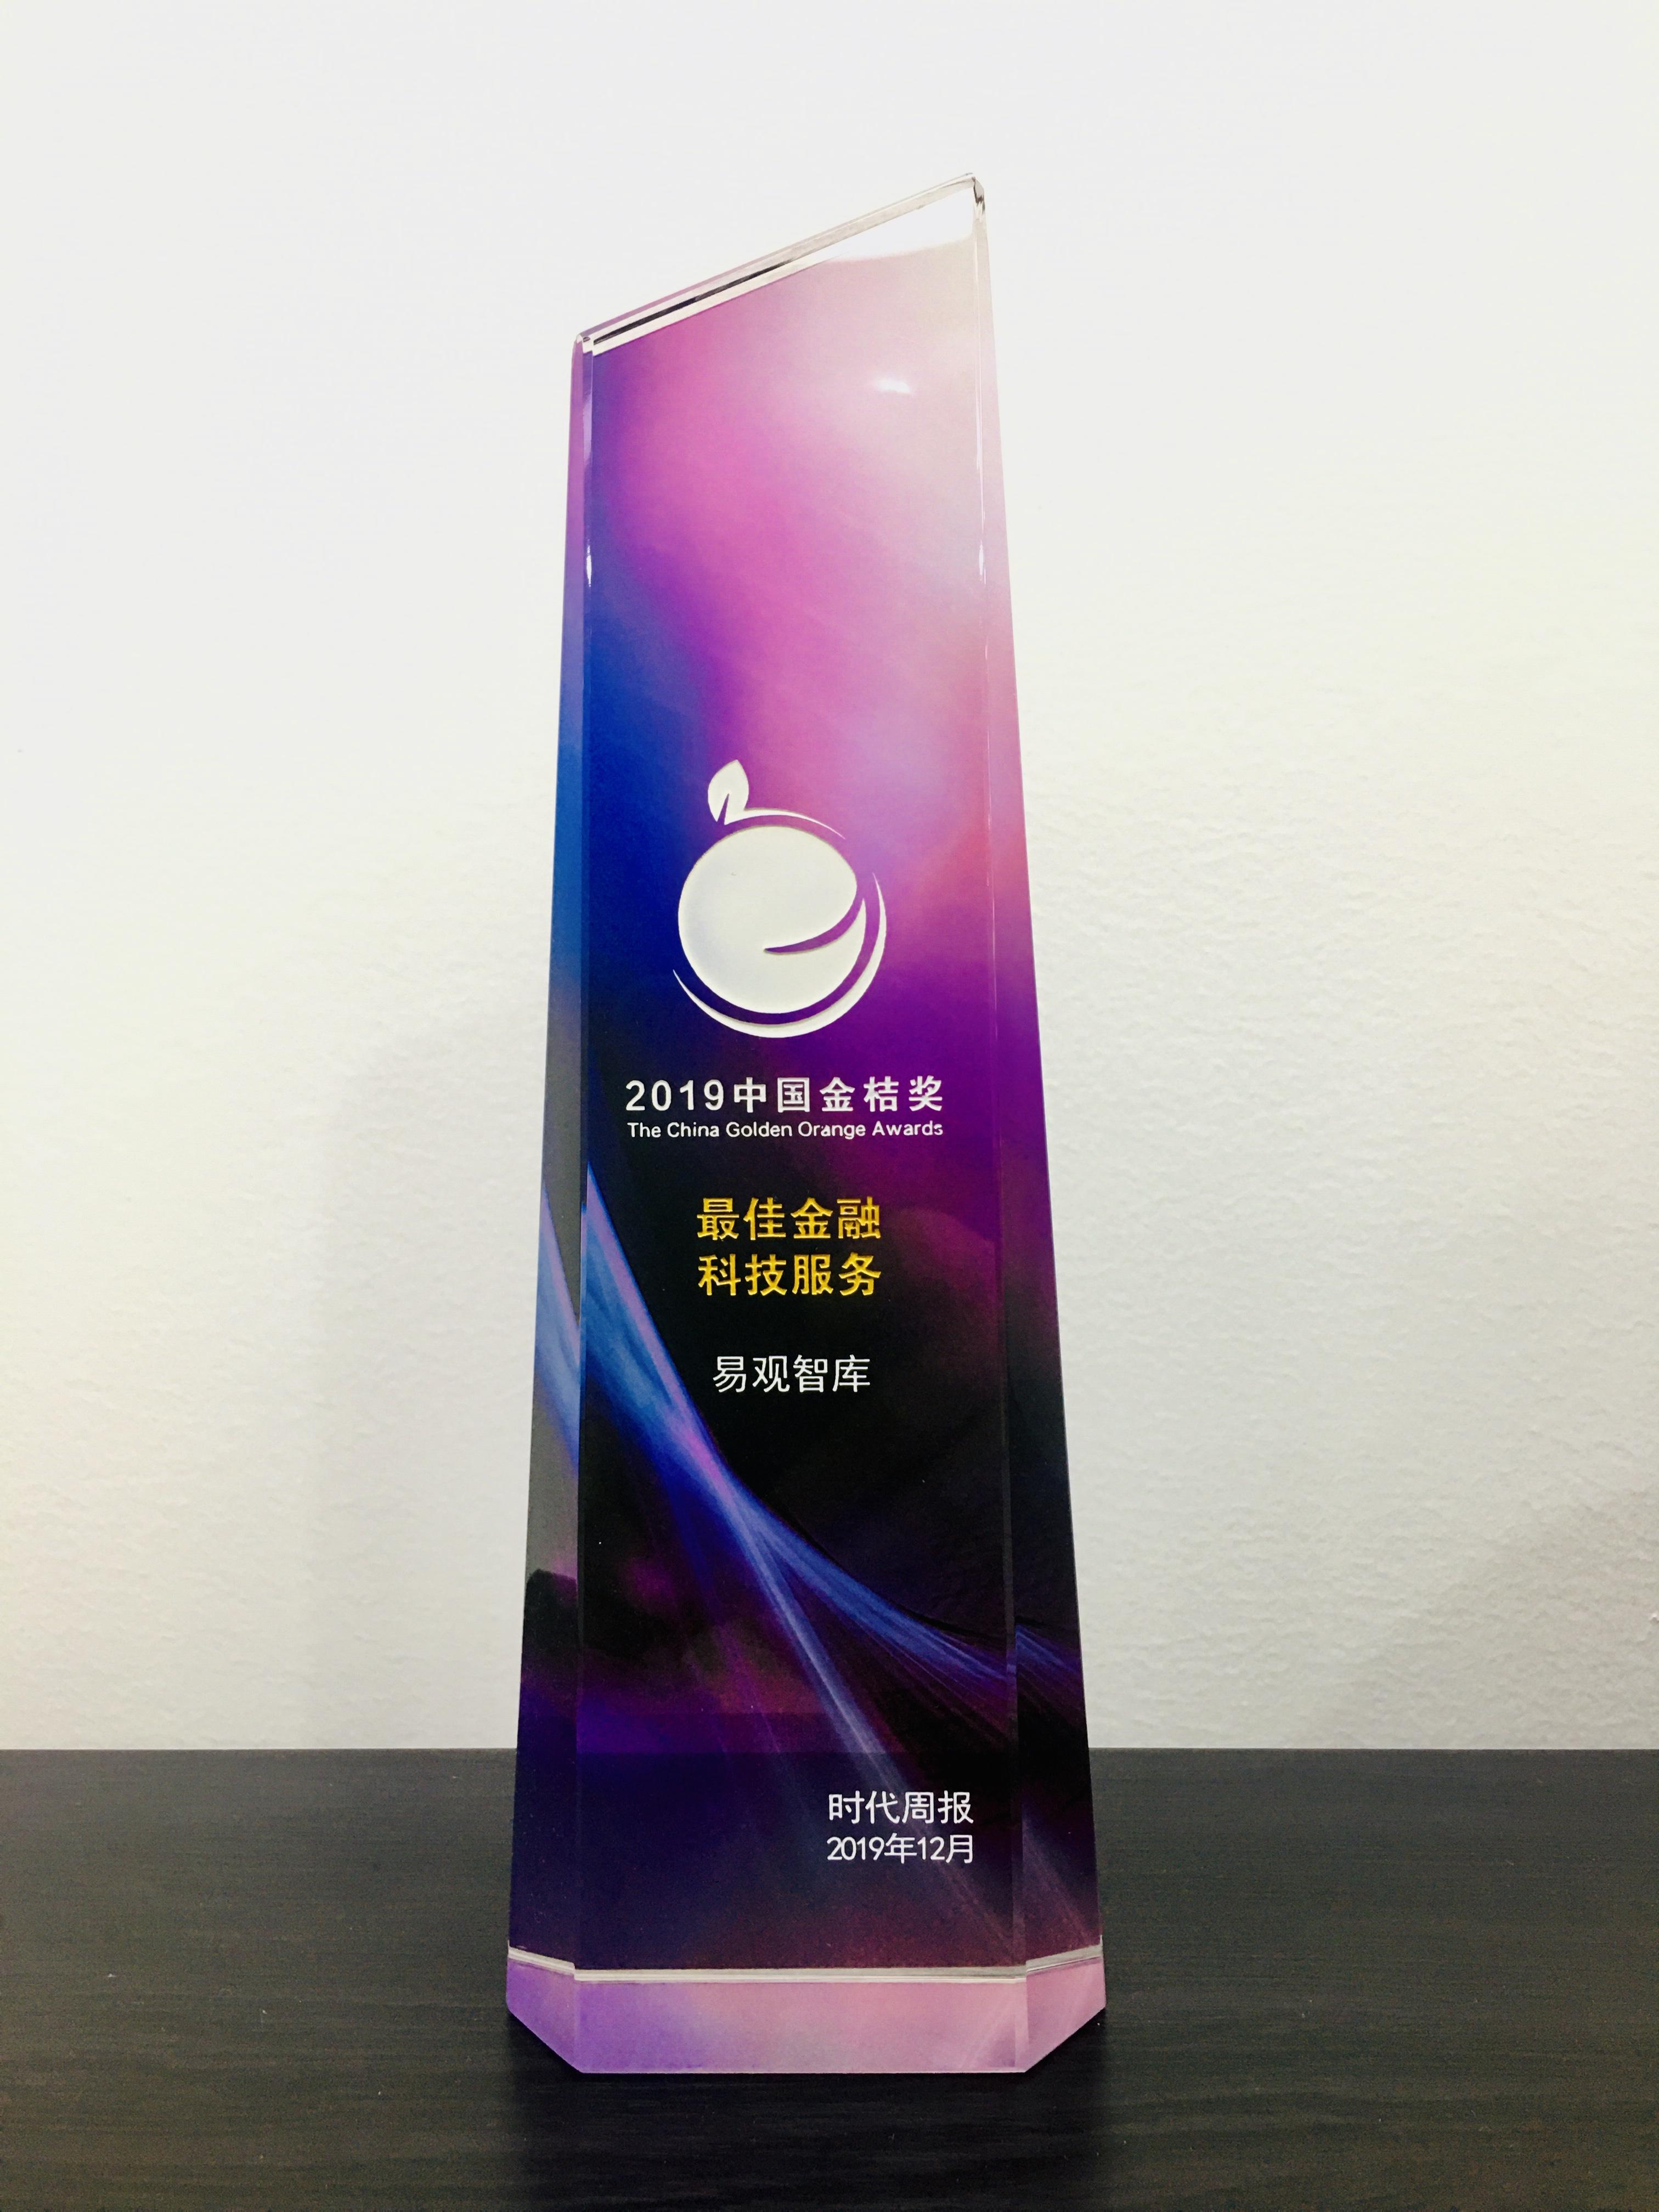 2019中国金桔奖揭晓,易观荣获最佳金融科技服务奖